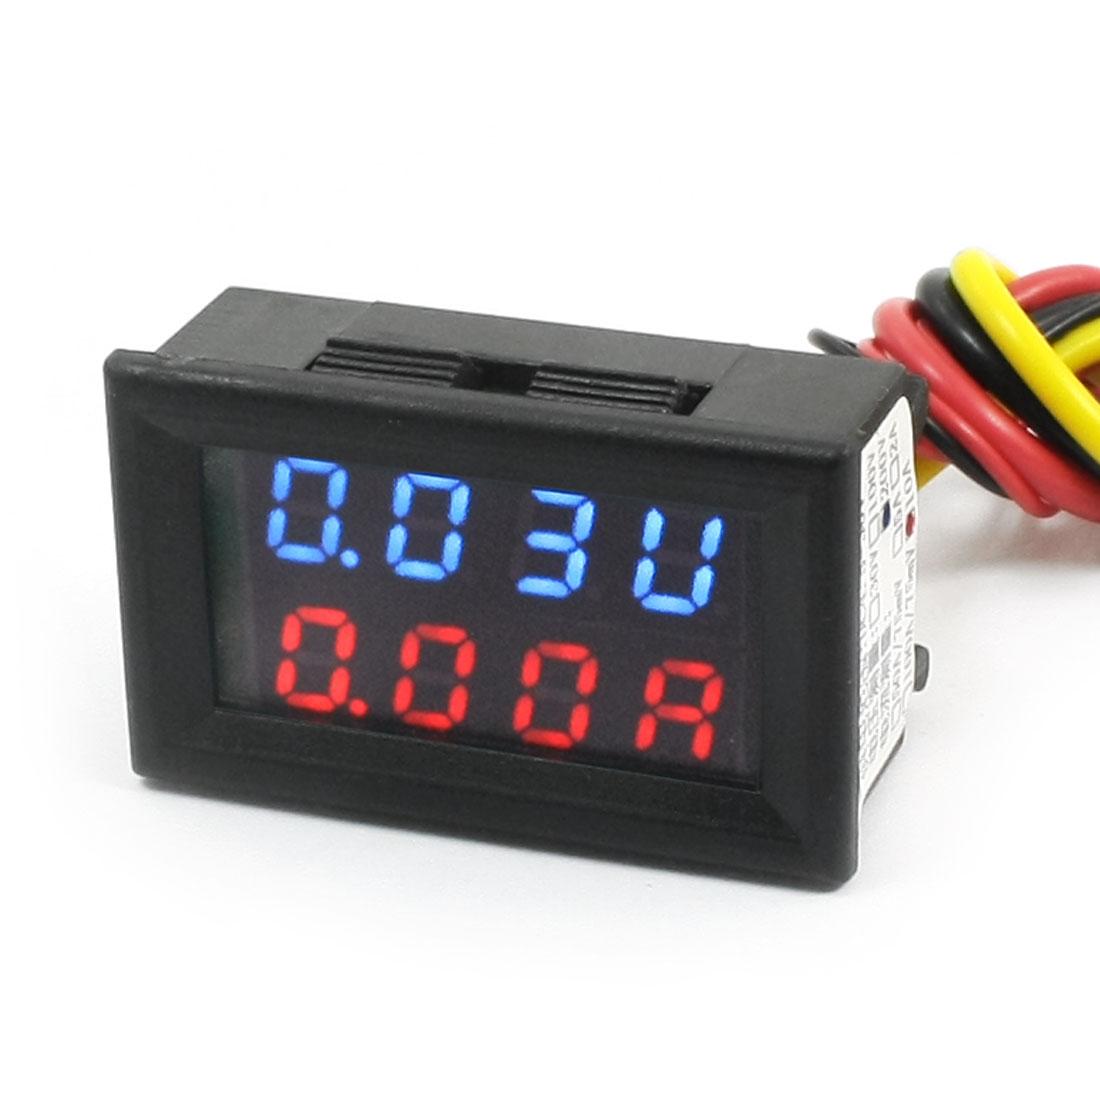 DC 0-200V 0-10A Blue Red Dual LED Digital Volt Voltmeter Ammeter Gauge